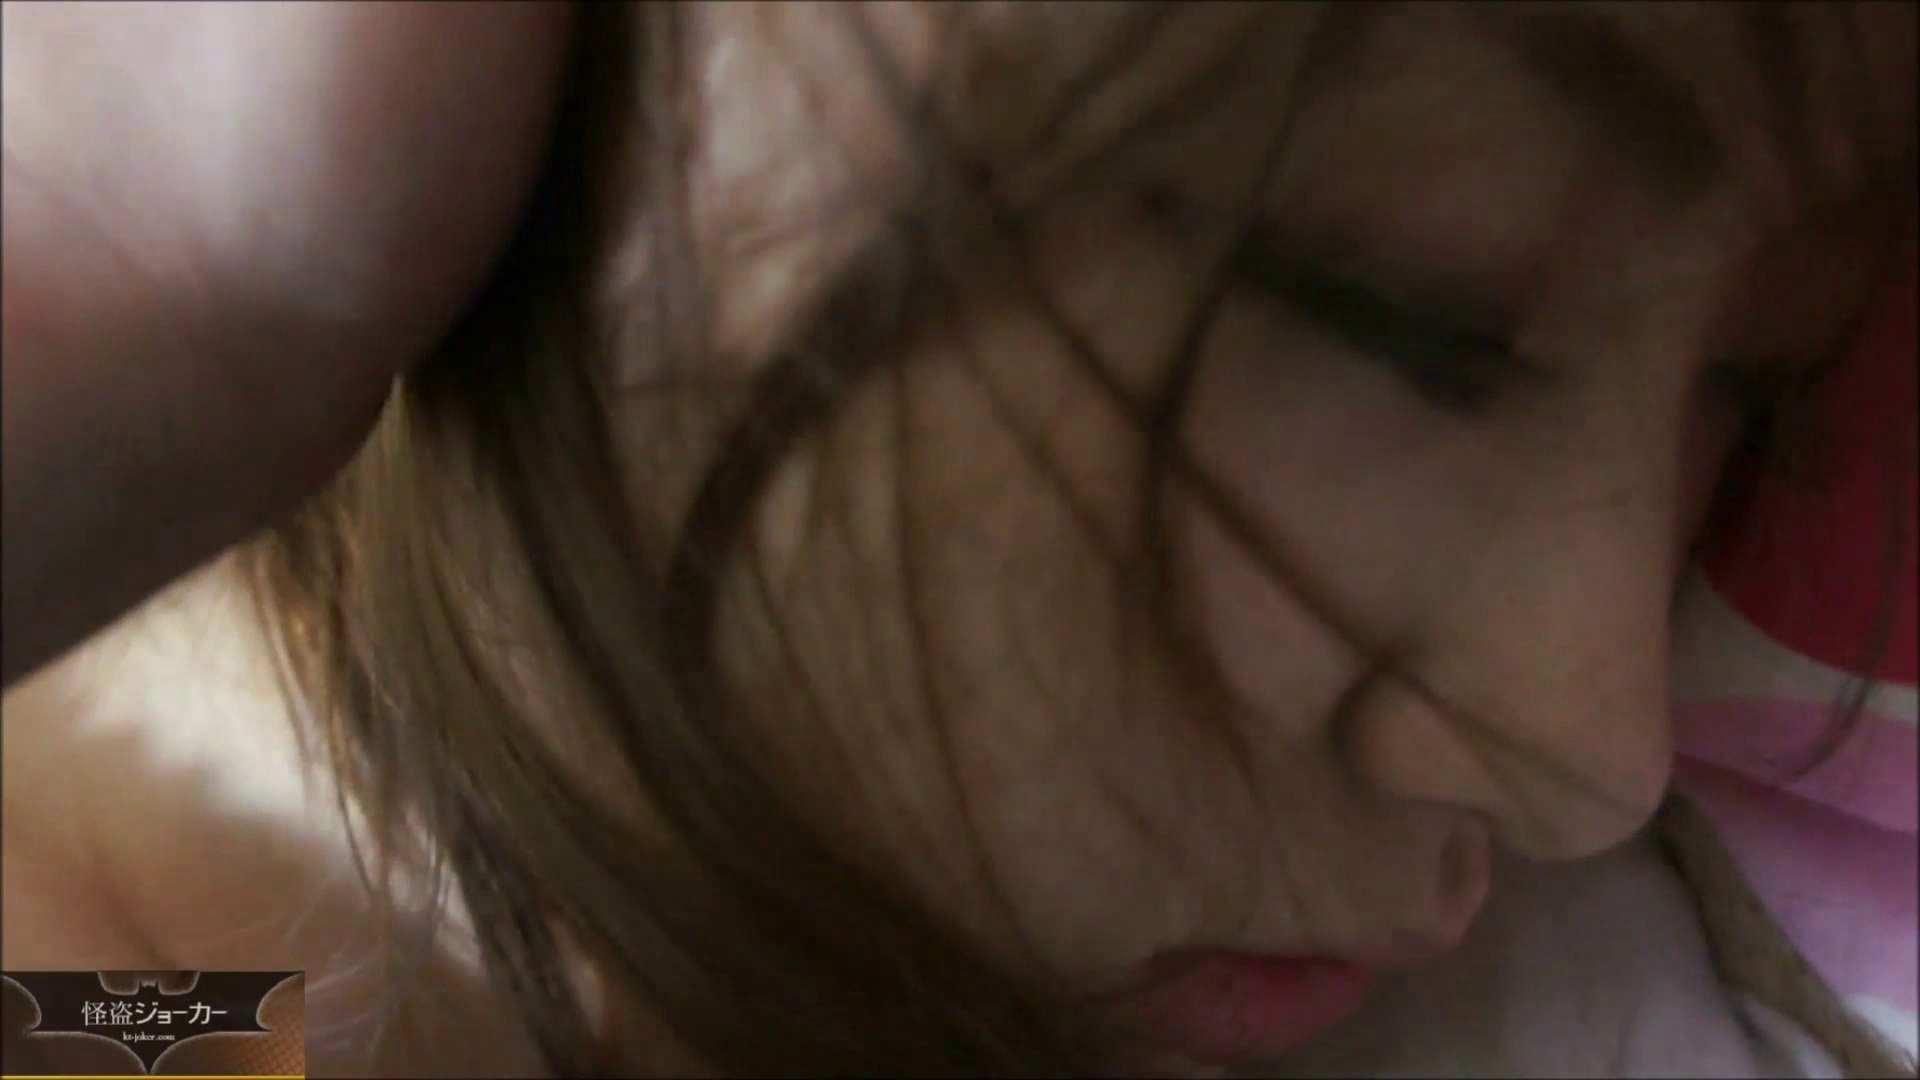 【未公開】vol.23 ユリナ、寝取られのアト。 0  88連発 36